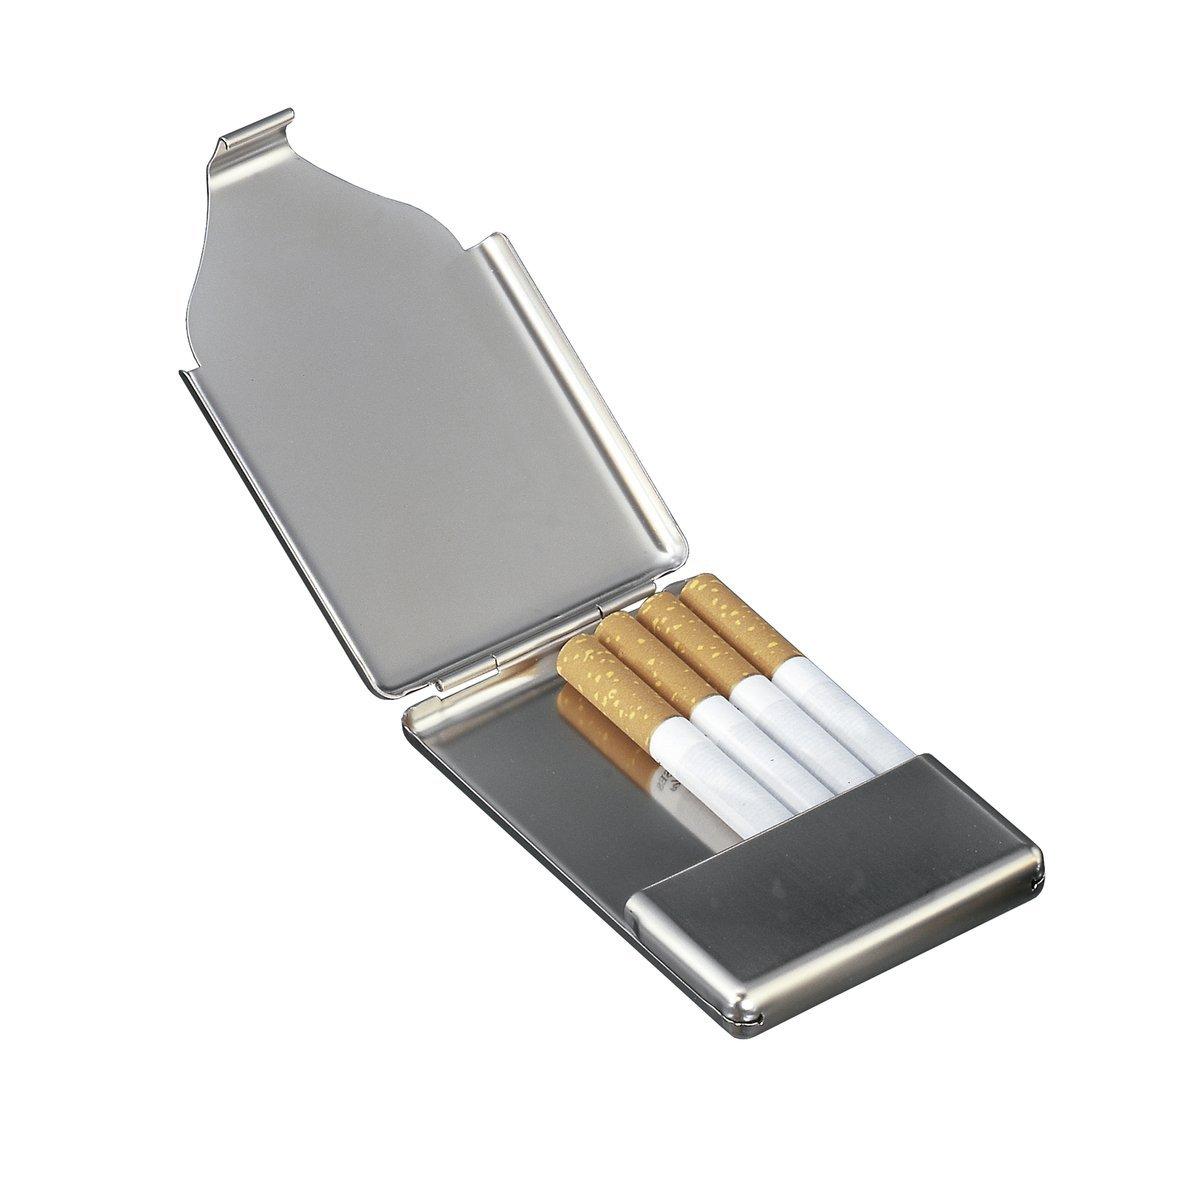 Zigaretten Visitenkartenbox Reflects Tough Matt Silver Finish